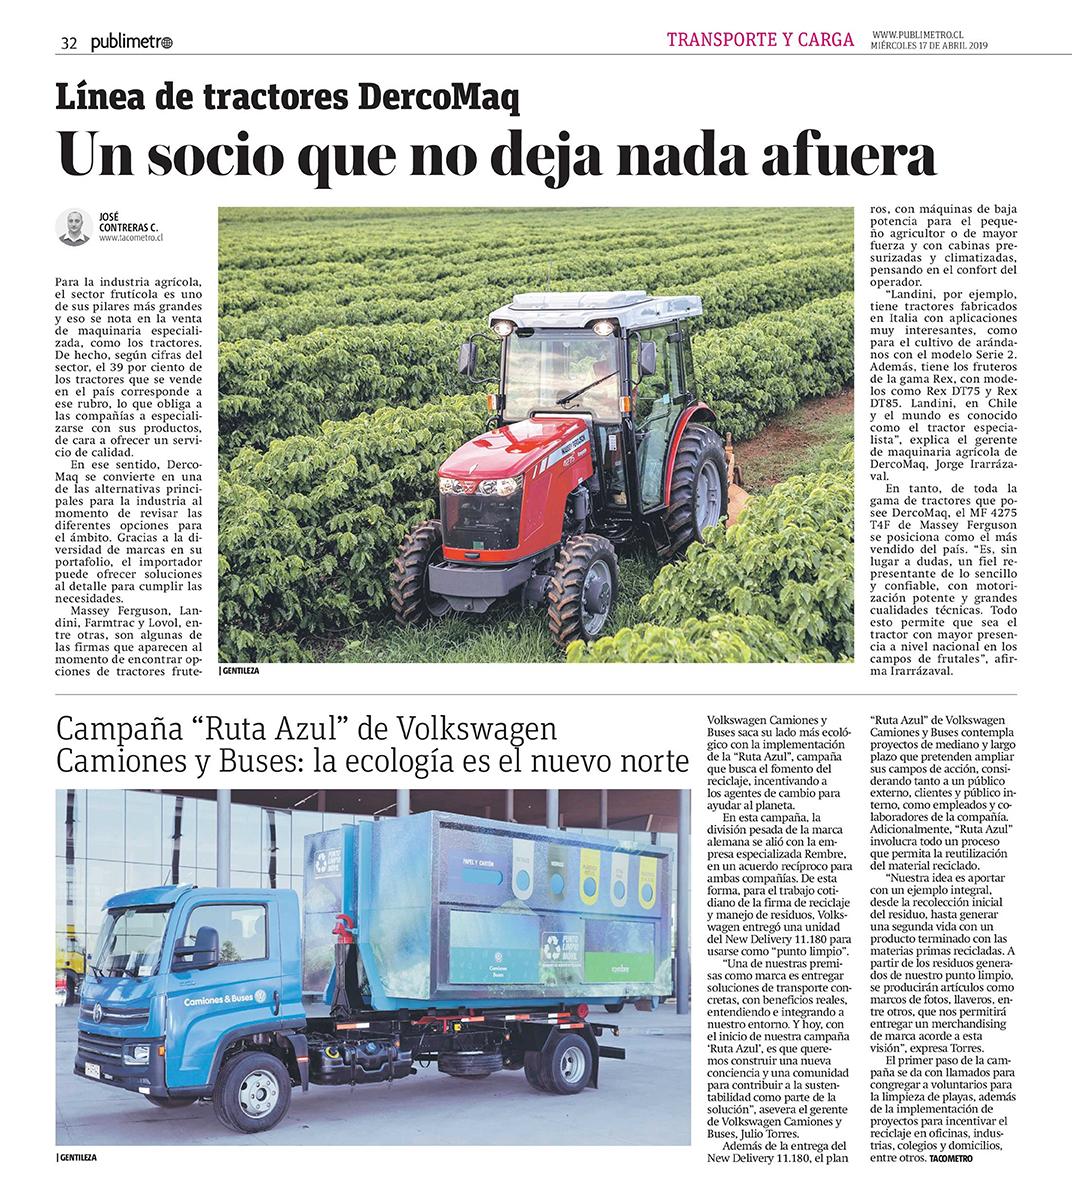 Publimetro, Campaña Ruta Azul de VW T&B la ecología es el nuevo norte.